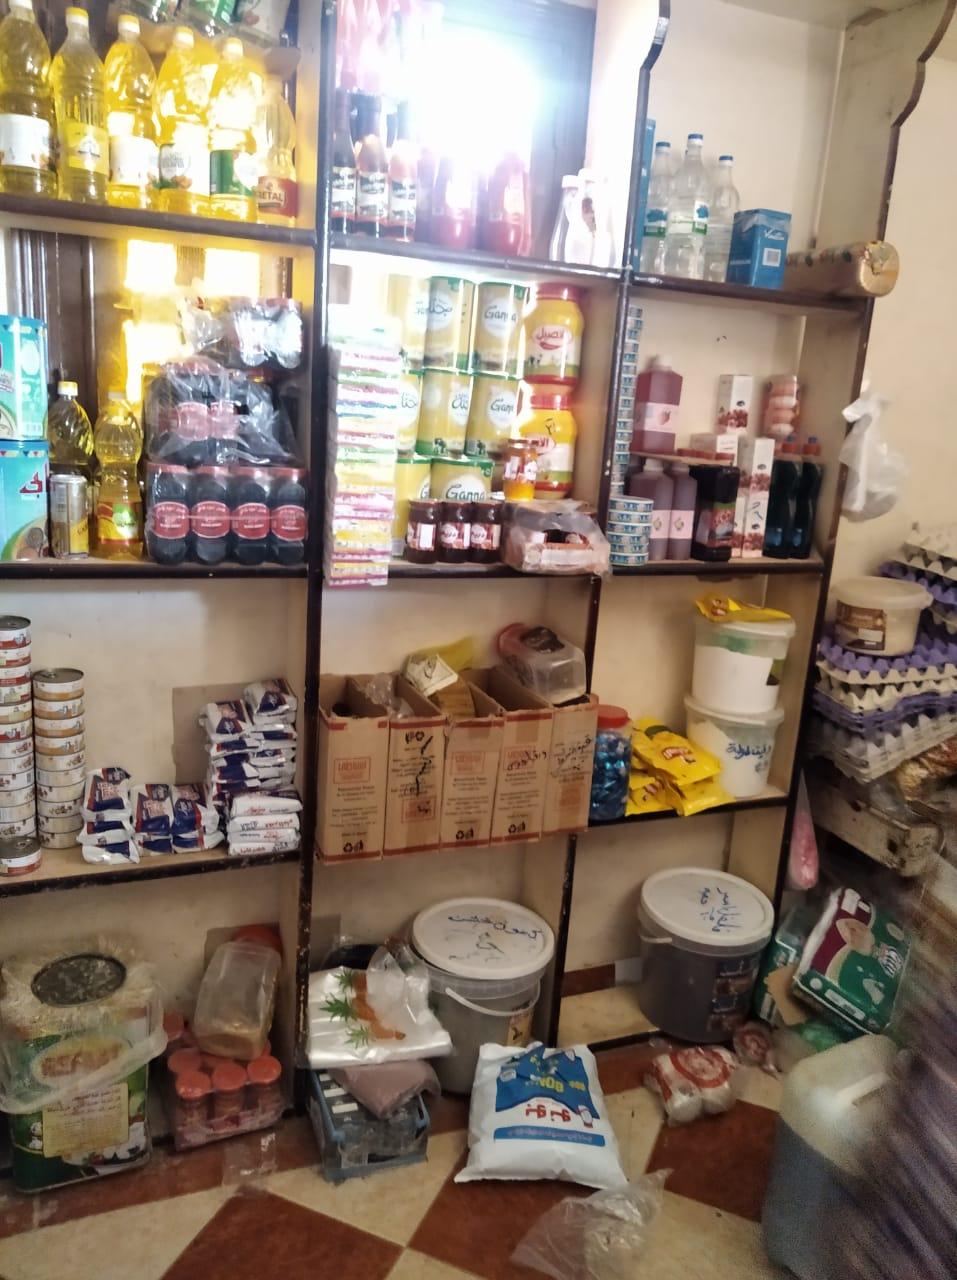 غلق 25 منشأة غذائية غير مرخصة والتحفظ على 474 عبوة دواء مخالفة بالشرقية (4)